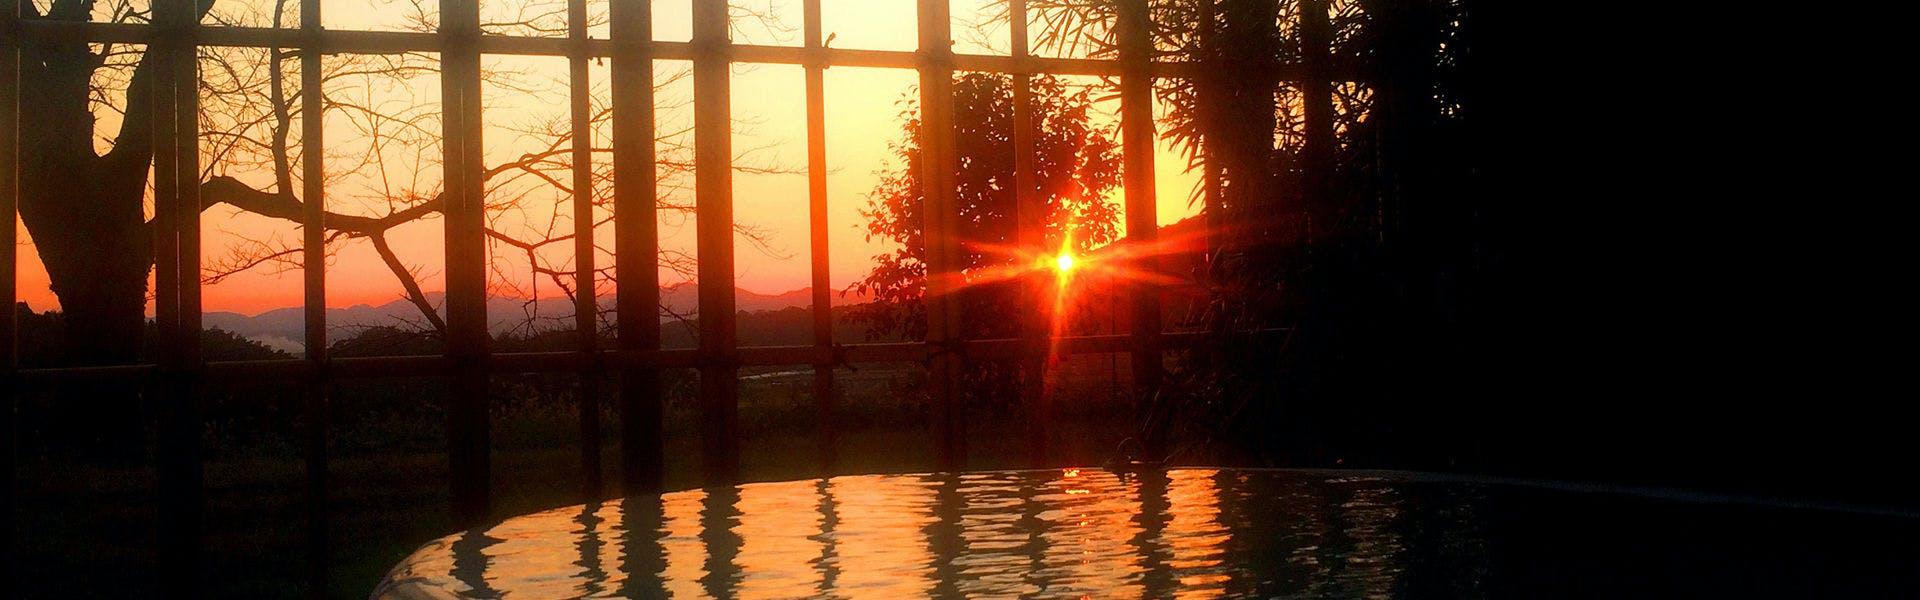 記念日におすすめのホテル・【里山の隠れ宿 花富亭 -かふうてい-】の写真2